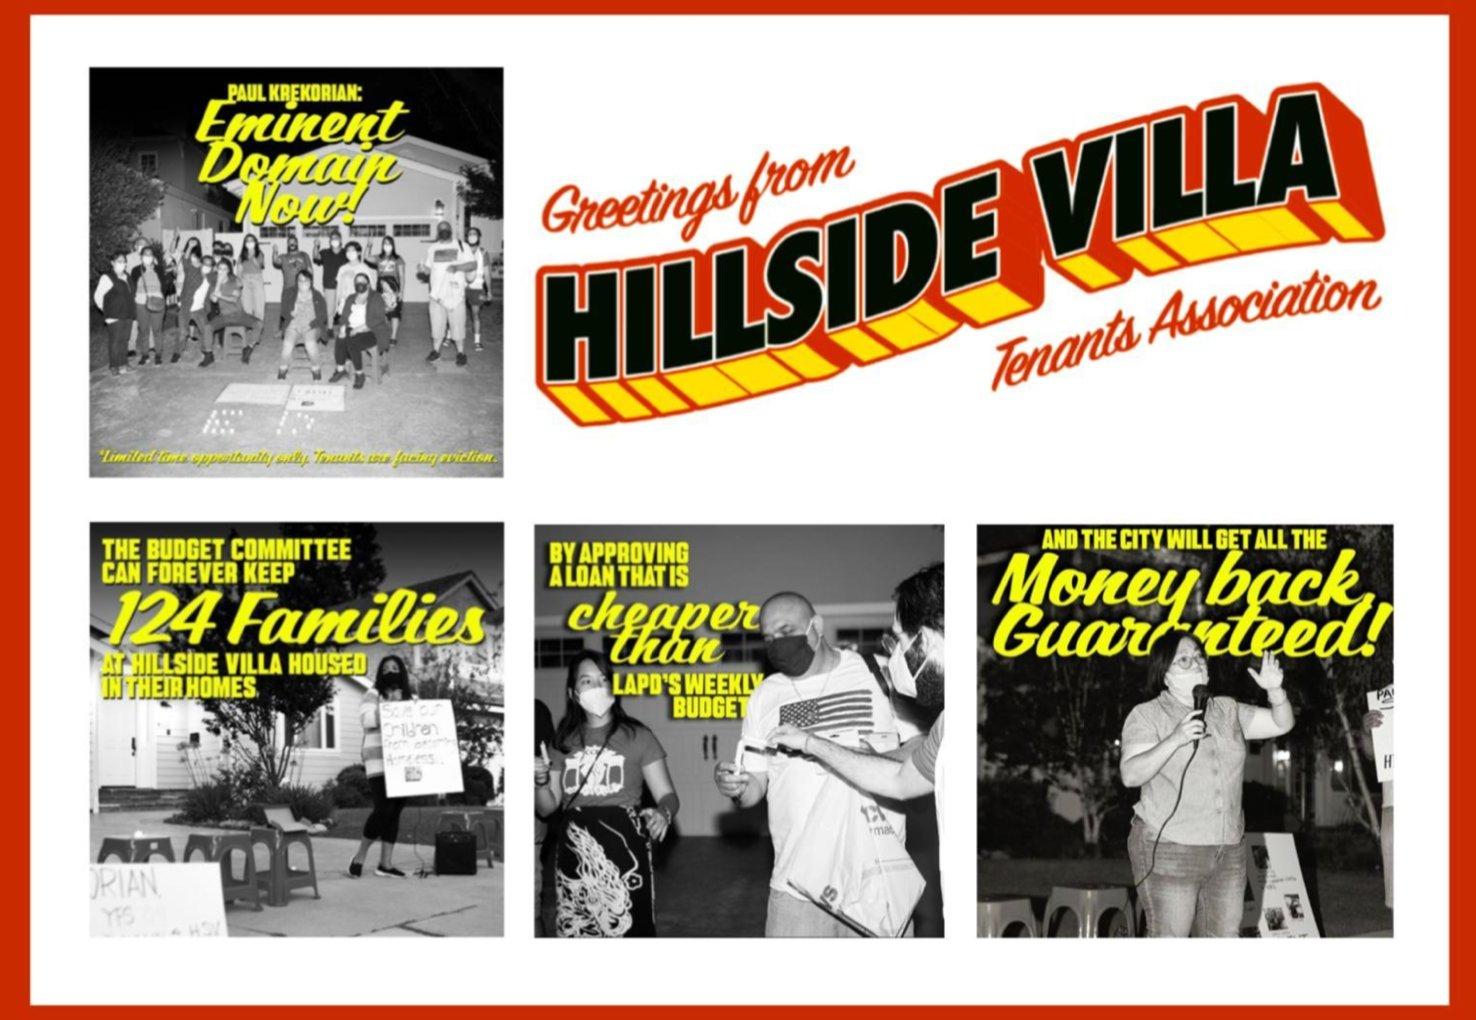 Greetings From Hillside Villa Tenants